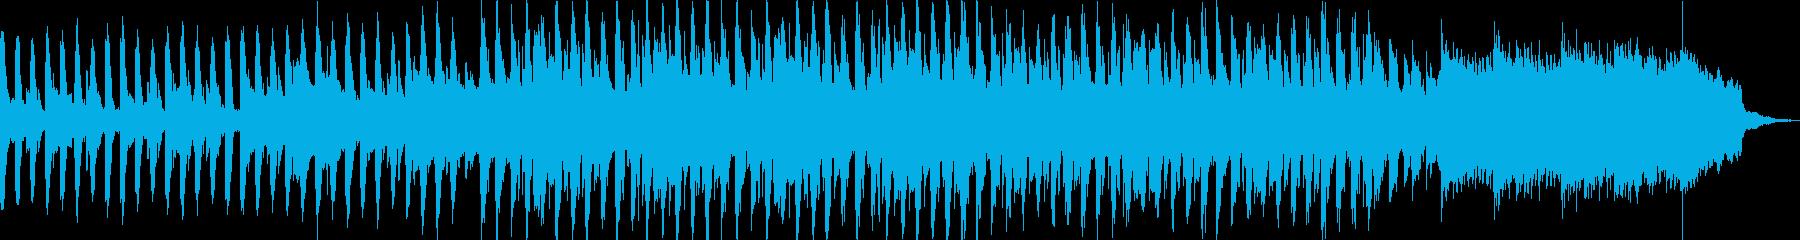 楽しくて明るいポップミュージックの再生済みの波形